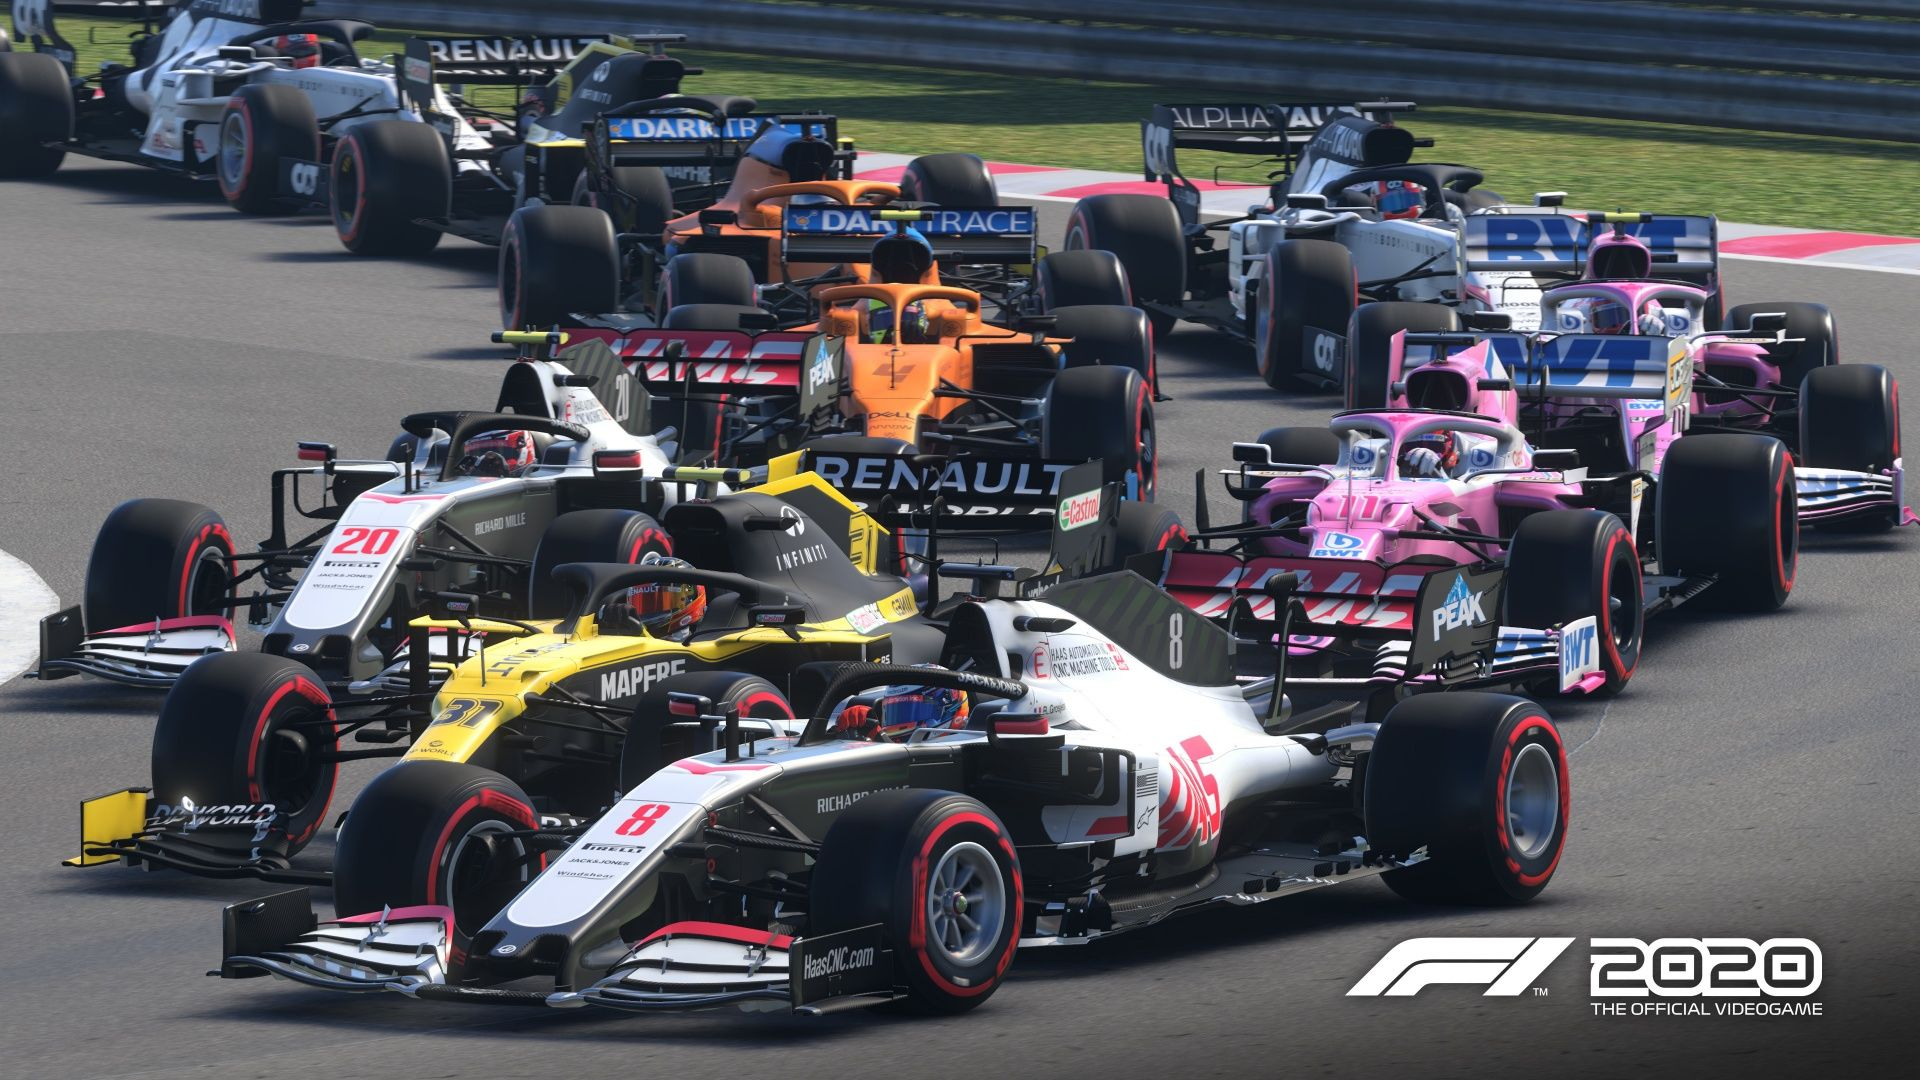 F1 2020 PS4, Xbox One, Stadia ve PC için çıktı